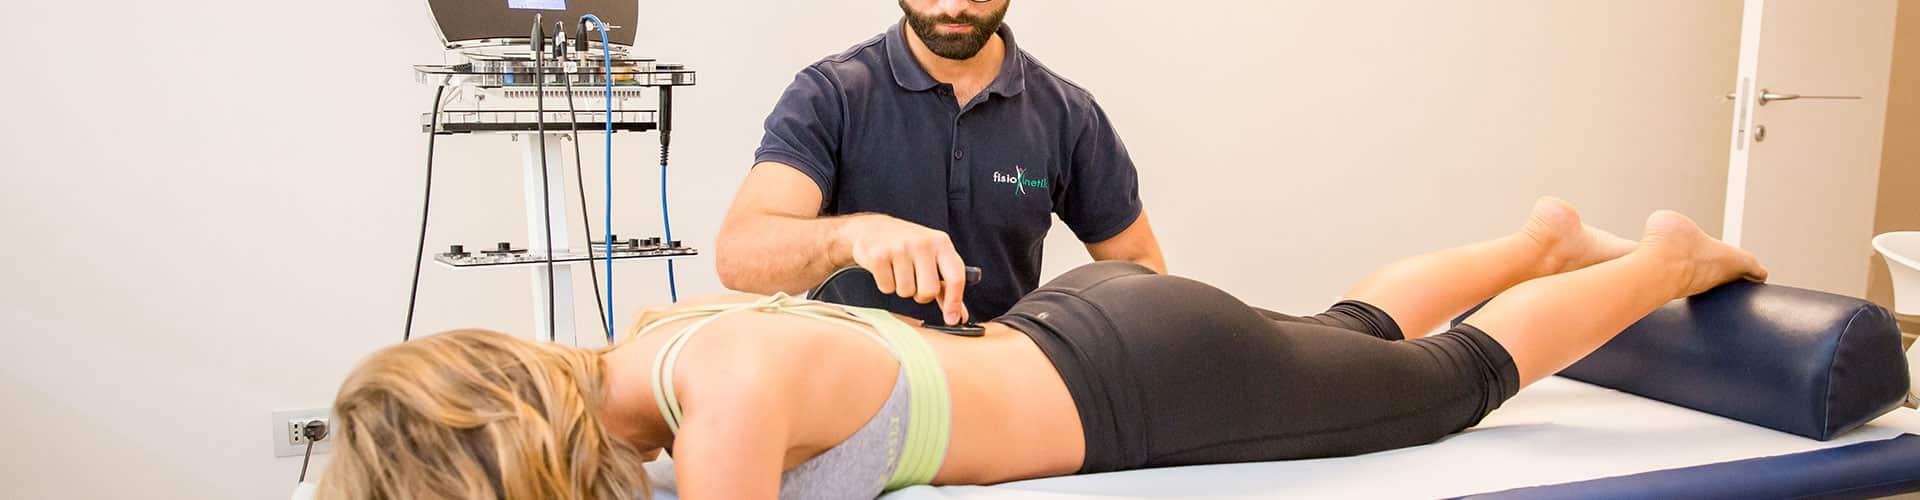 Tecarterapia a Biella per patologie osteoarticolari e muscolari